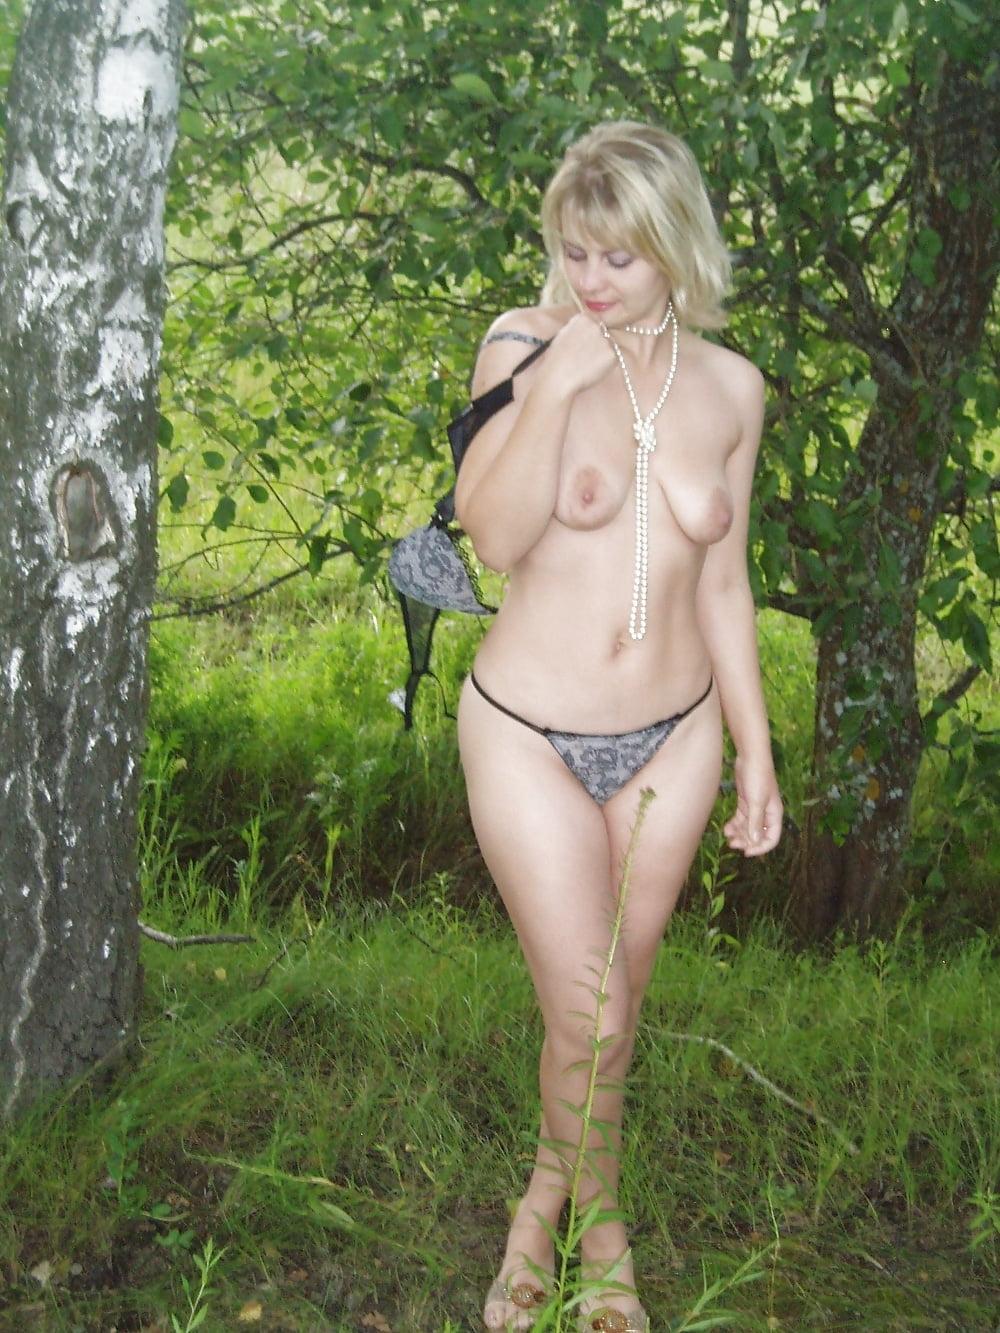 chastnoe-foto-golie-suprugi-na-prirode-obnazhennie-zhenshini-nyu-onlayn-video